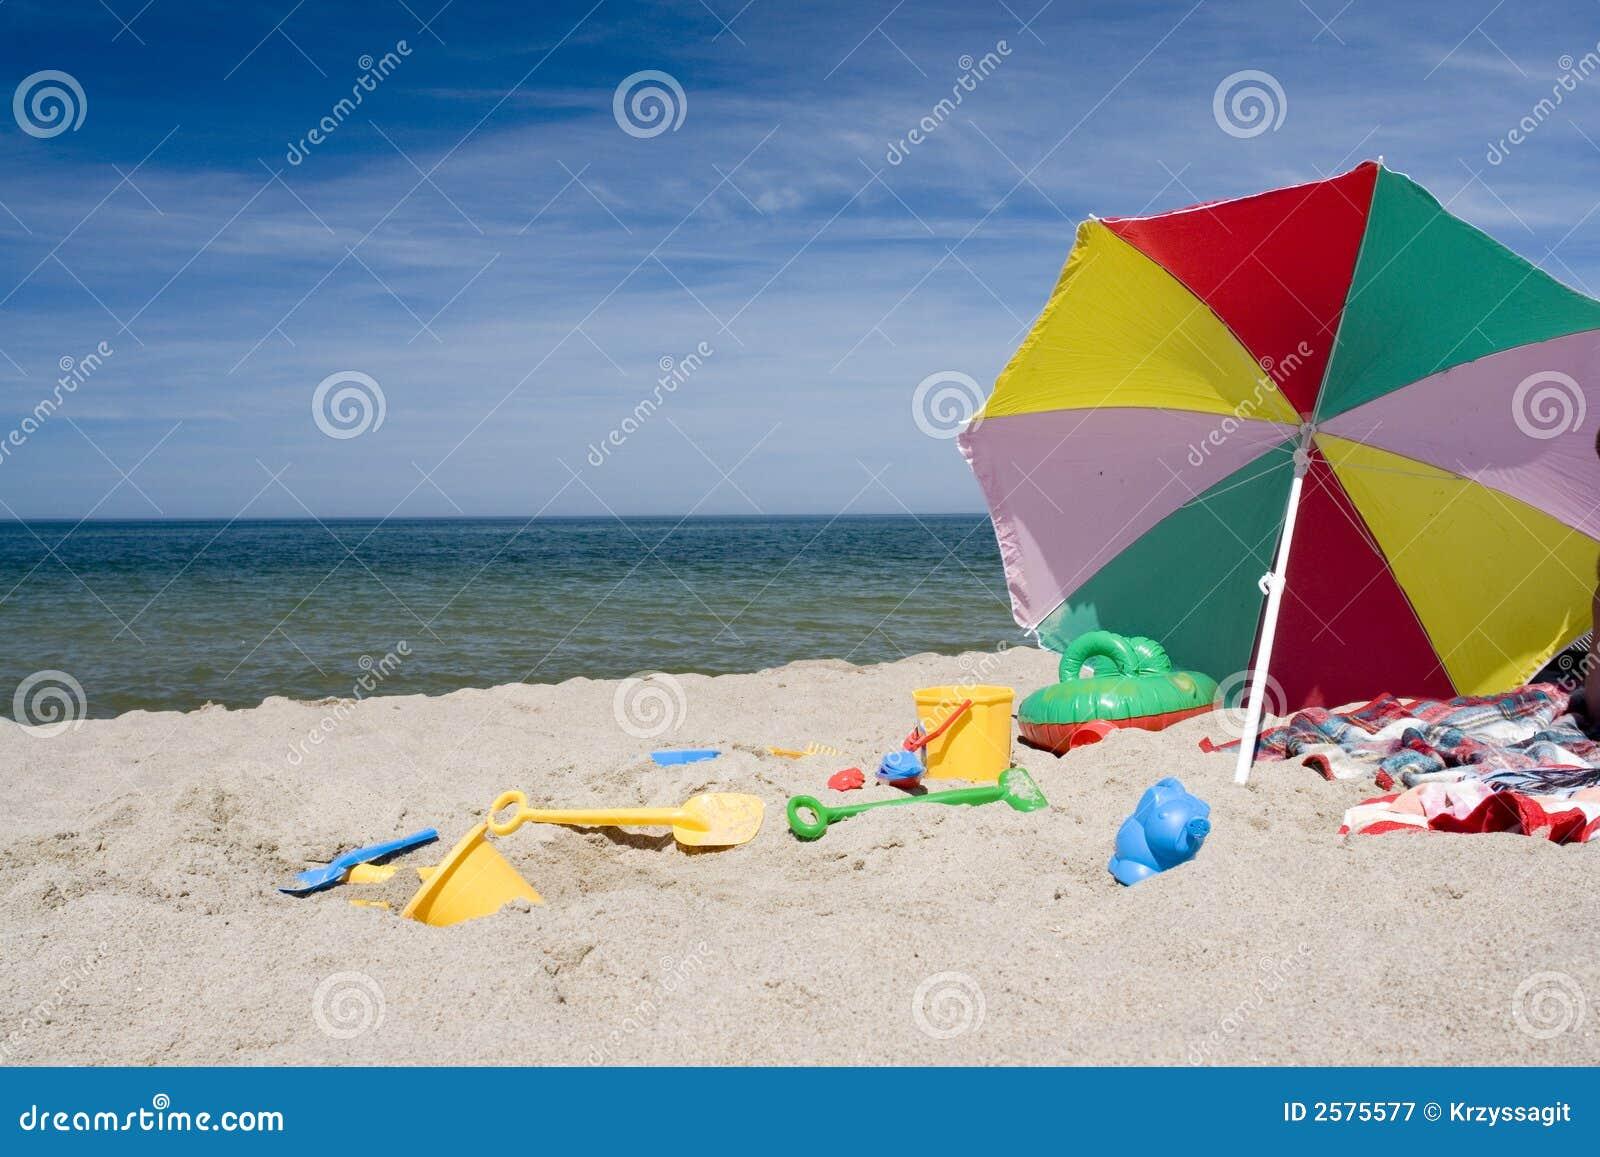 objetos da praia imagem de stock imagem de plástico coastline